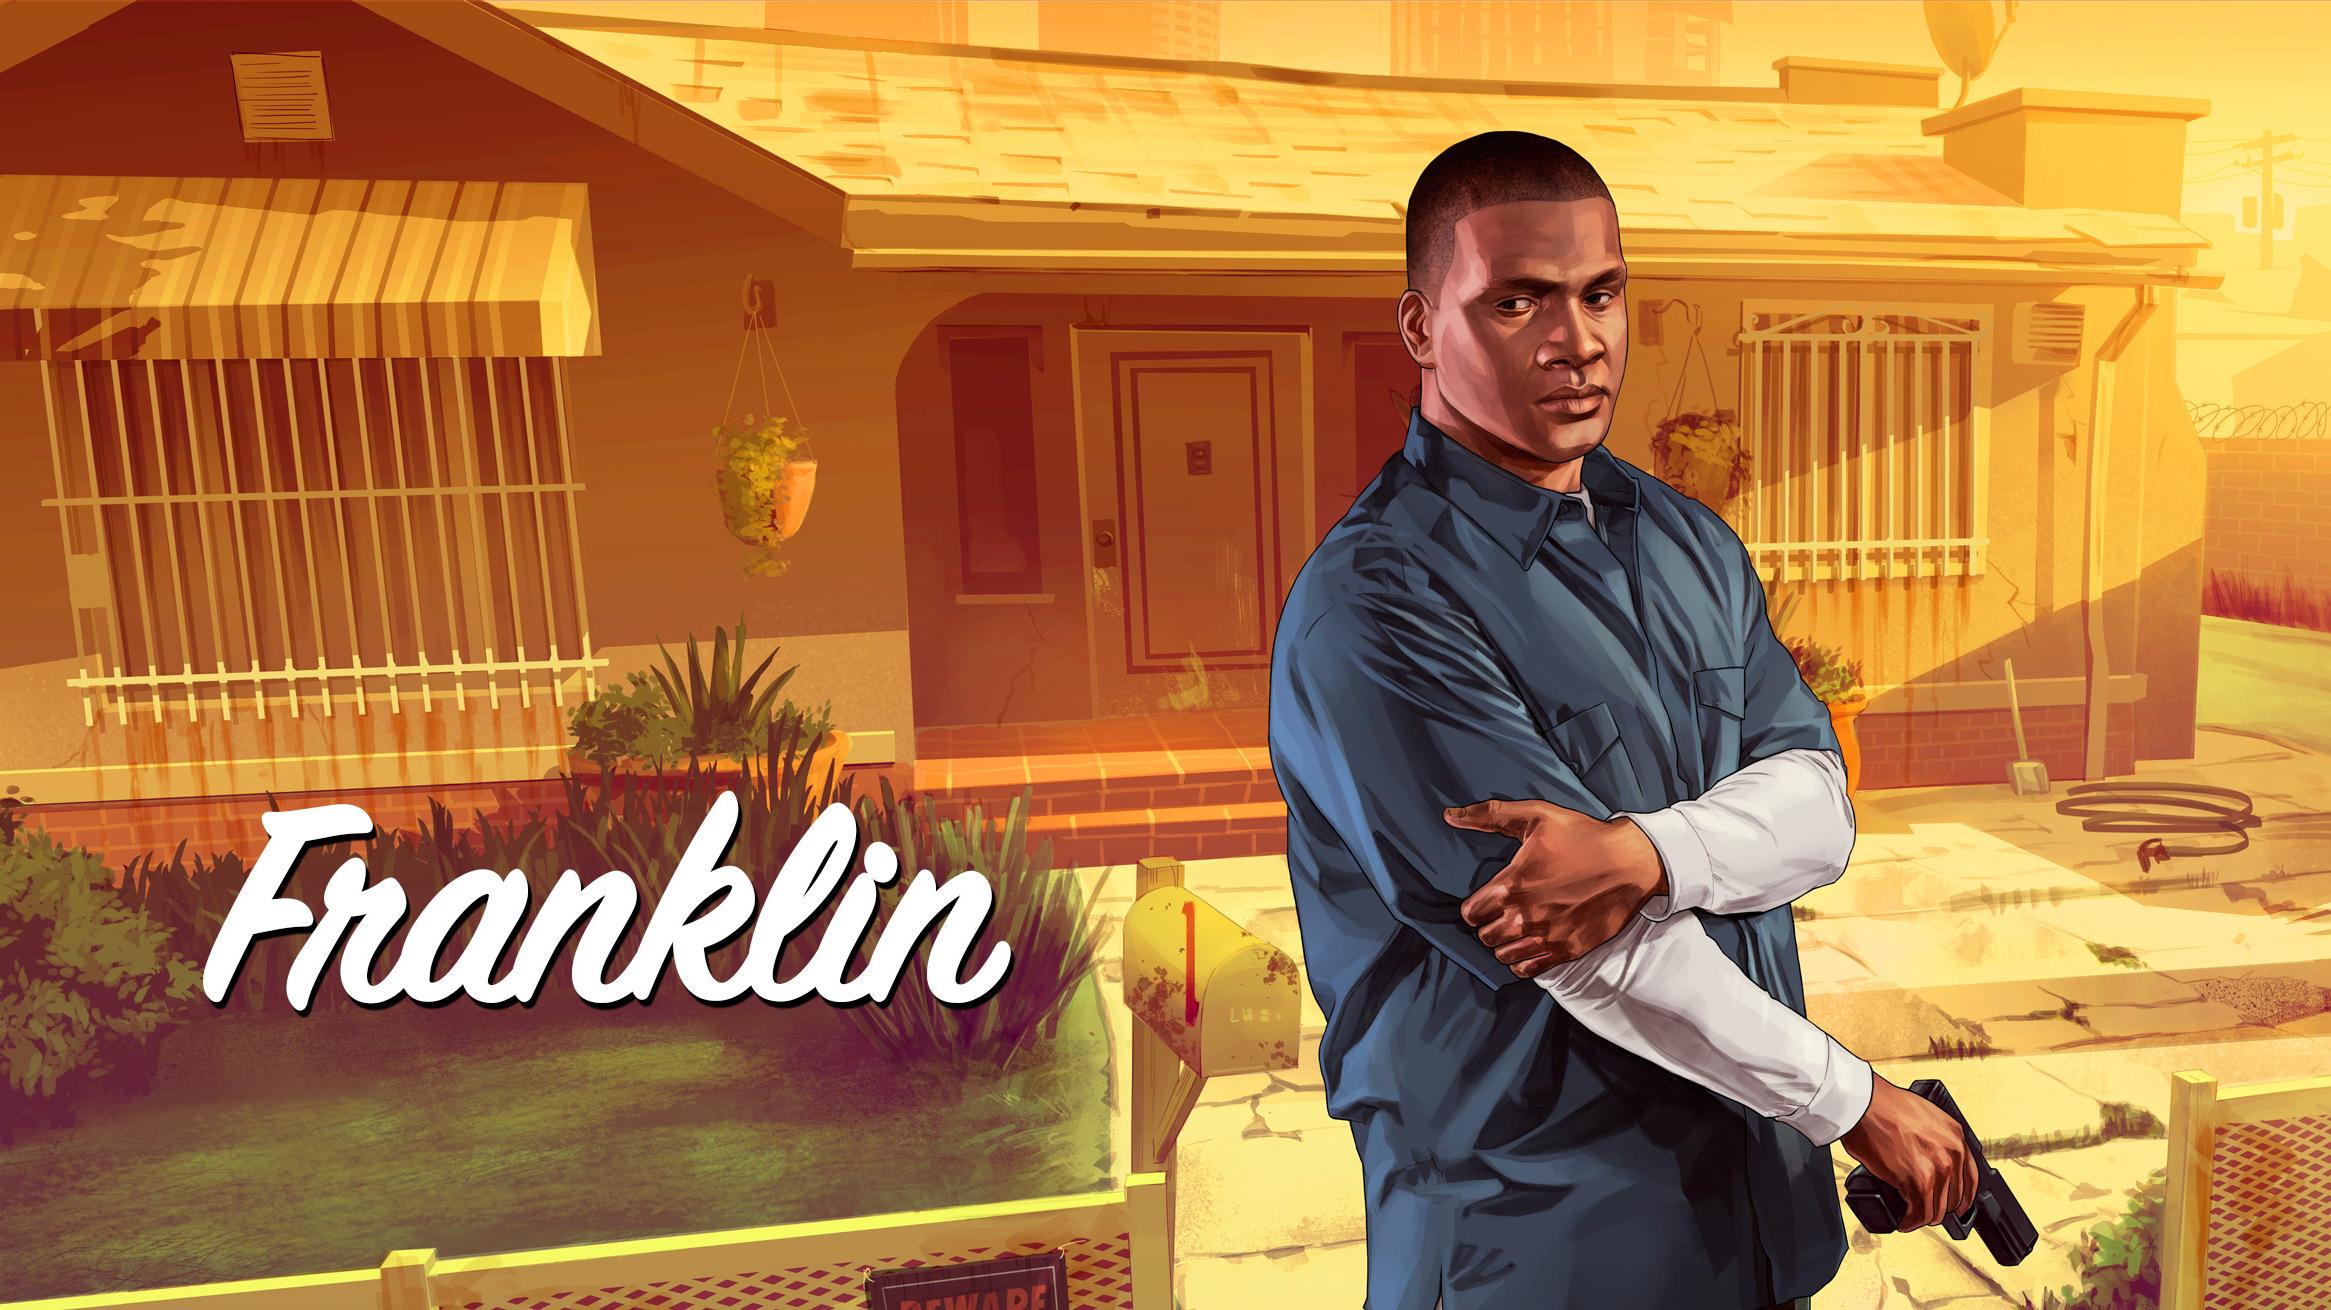 Grand Theft auto 5 V Análisis Review español (6)